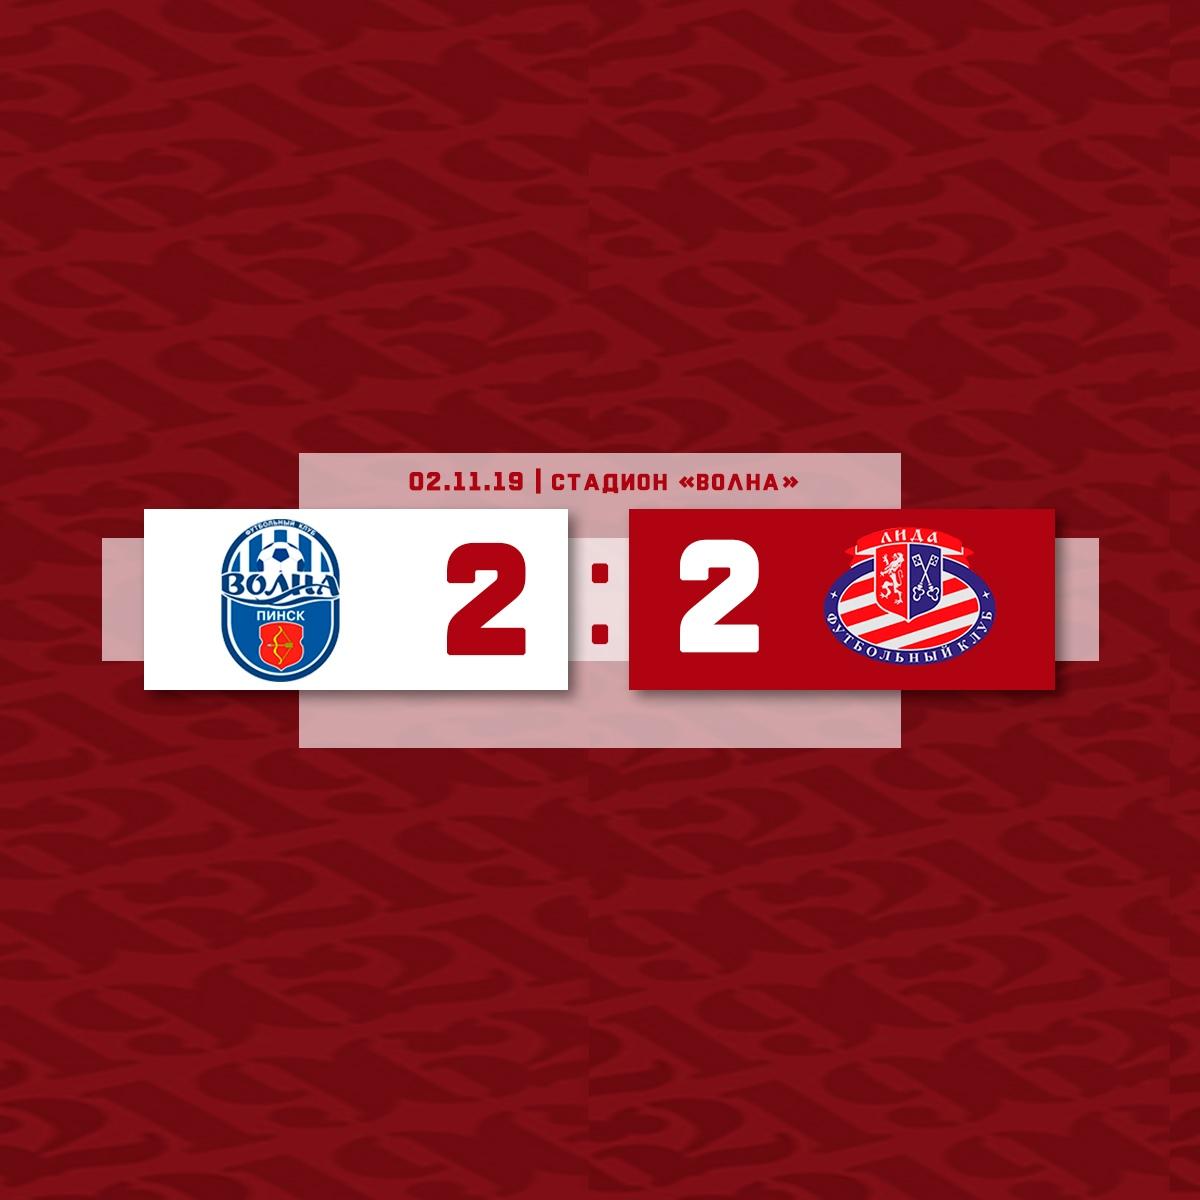 Футбольный клуб «Лида» сыграл вничью с «Волной».